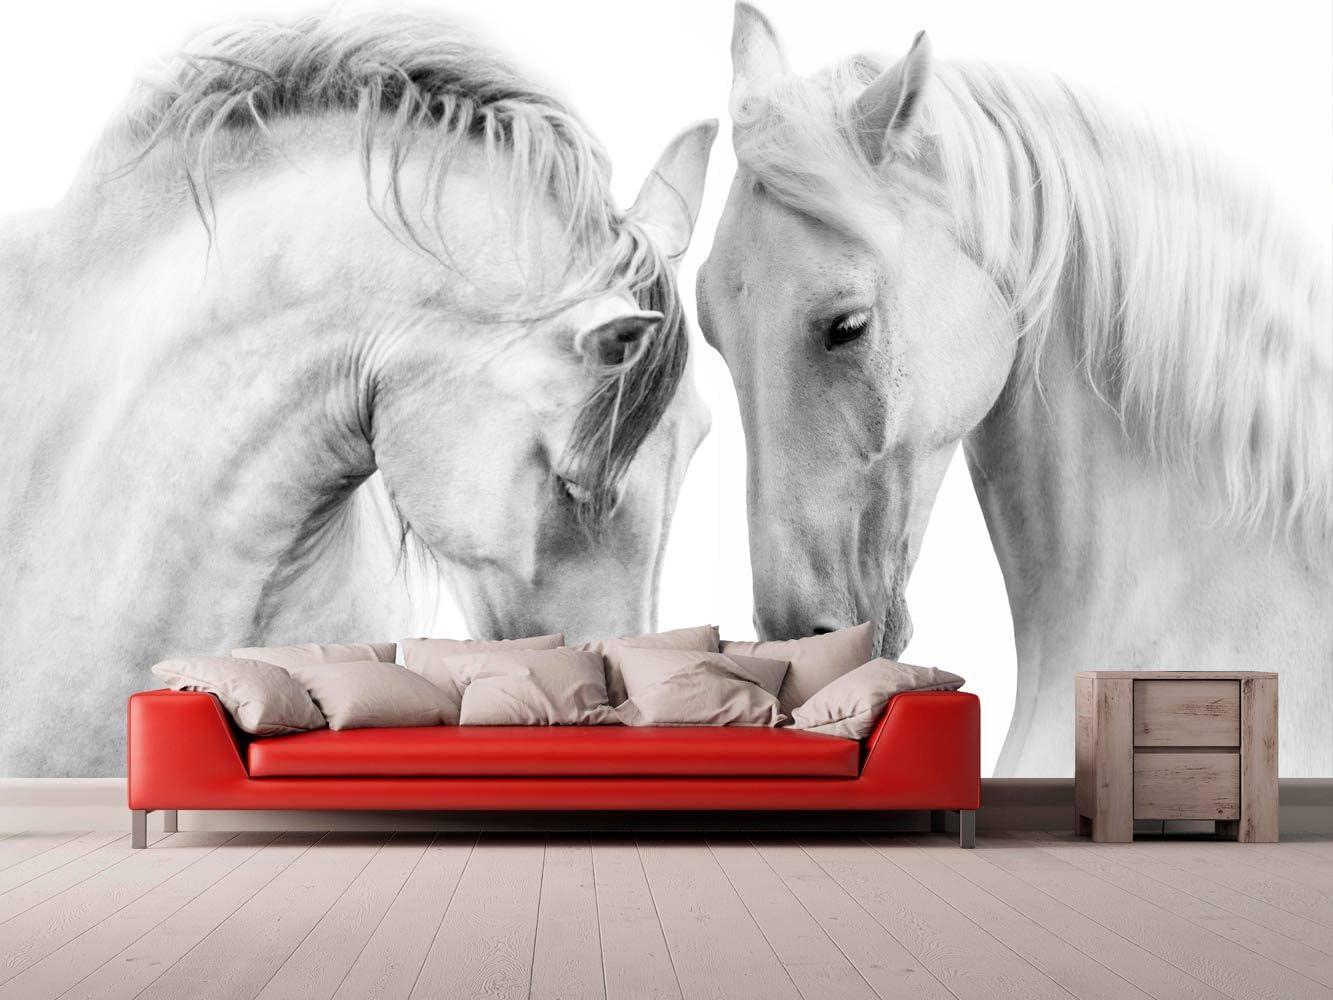 Fotomural Vinilo para Pared Caballos Blancos | Fotomural para Paredes | Mural | Vinilo Decorativo | Varias Medidas 150 x 100 cm | Decoración comedores, Salones, Habitaciones.